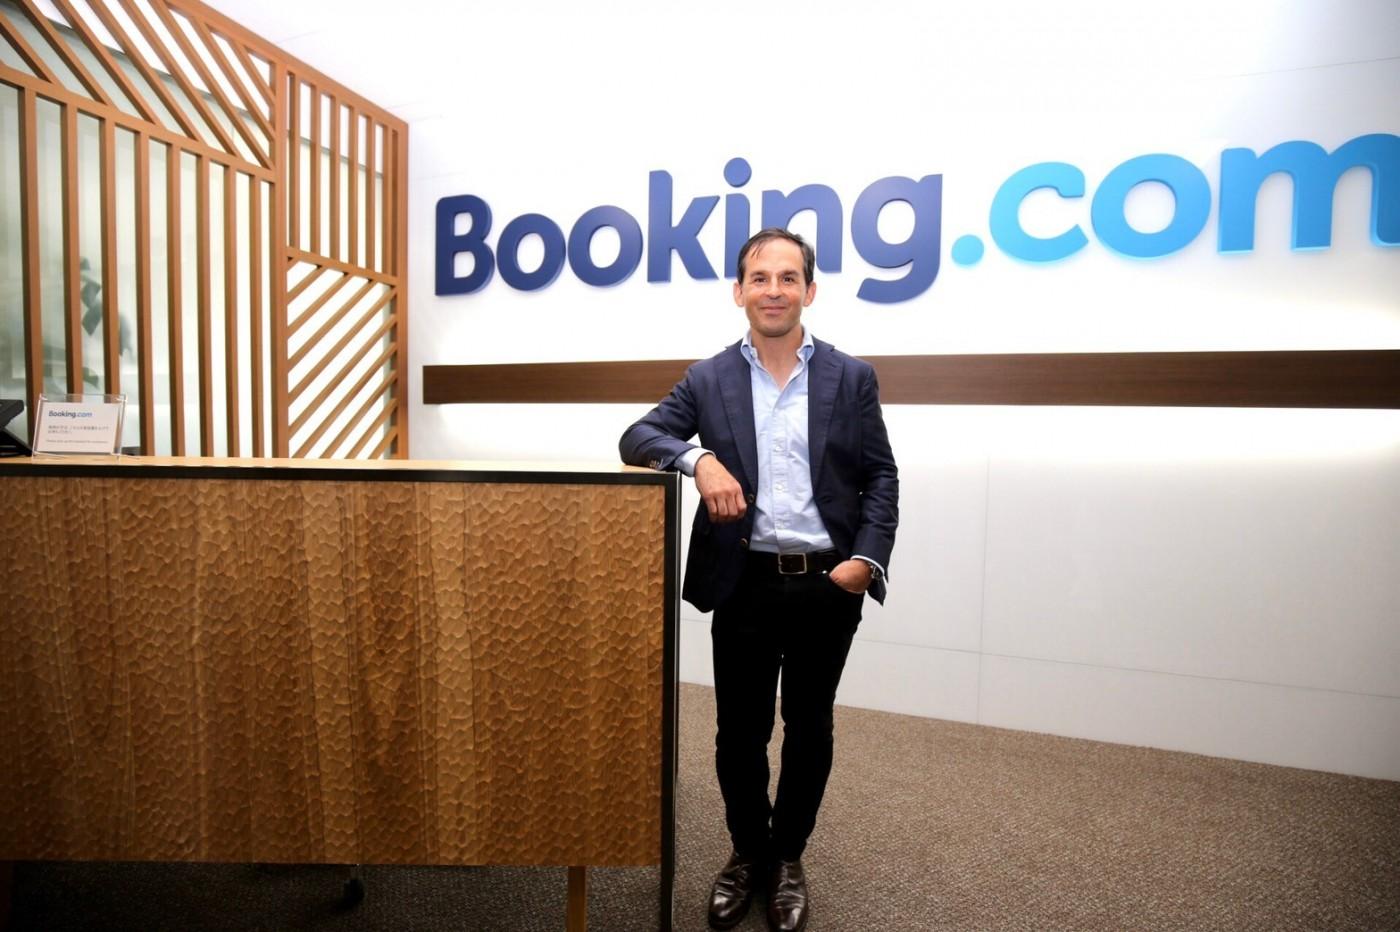 剩餘房間數假的?Booking.com在台詐騙案頻傳 ,官方現身說